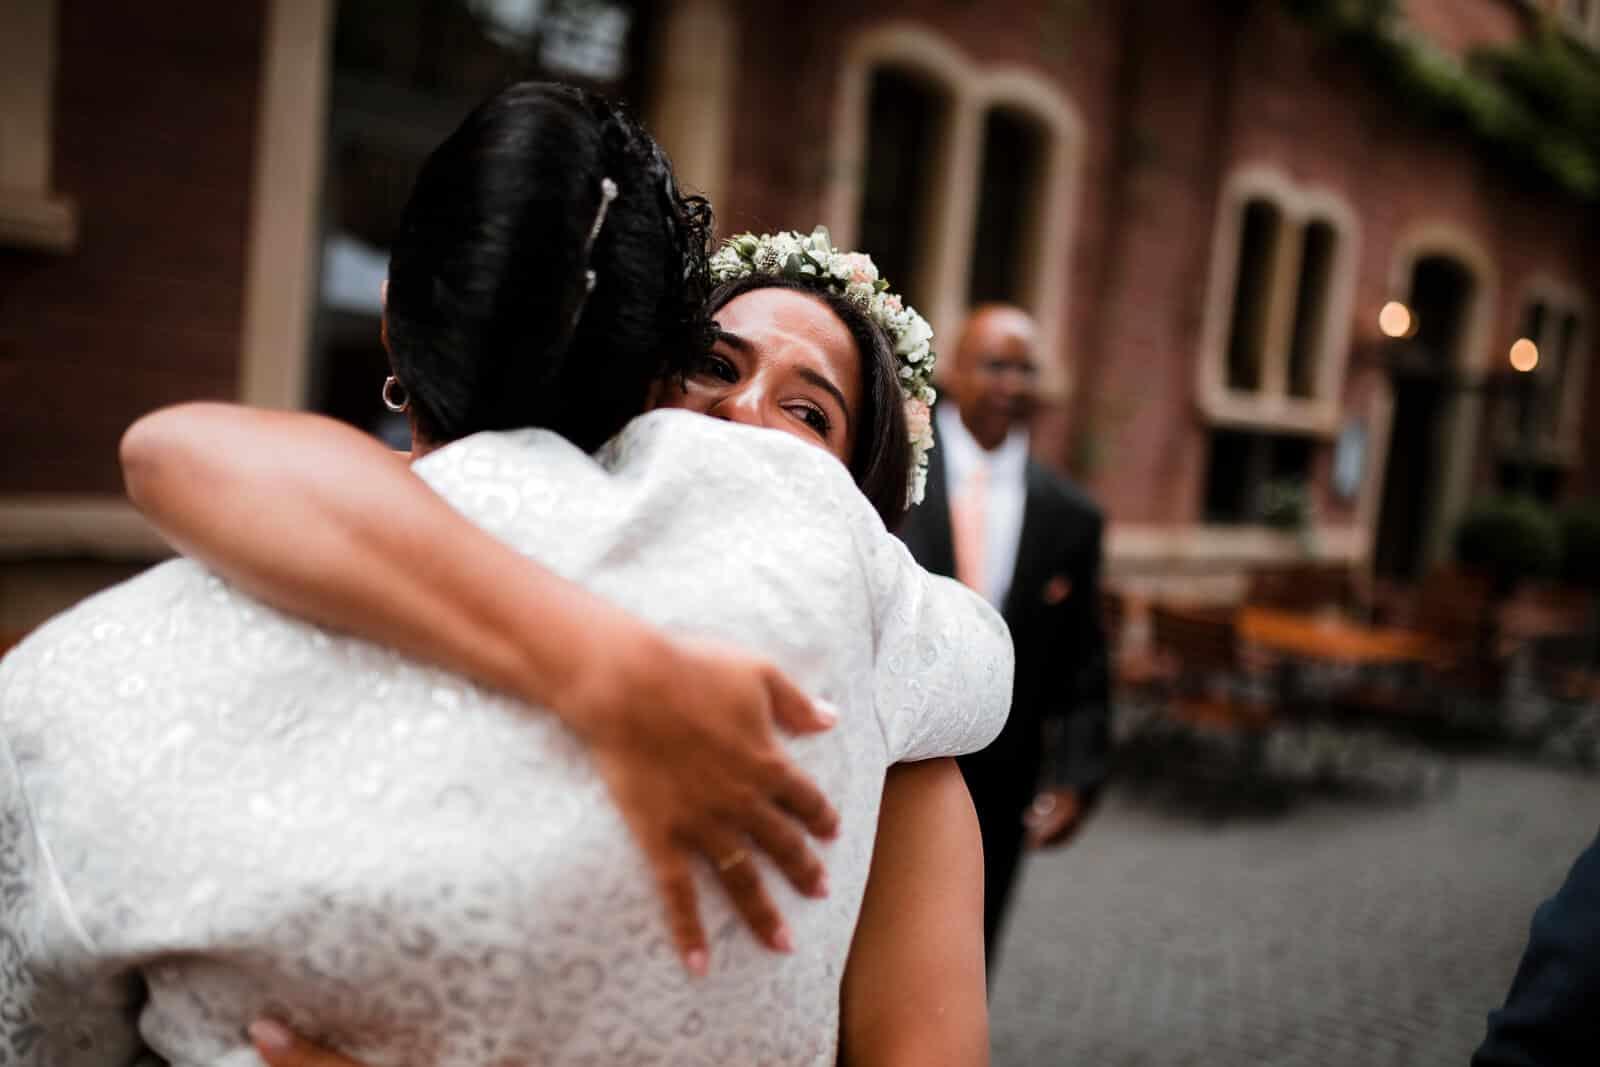 Das sind die Momente, die wir als Hochzeitsfotograf schätzen. Ehrliche Emotionen bei den Gratulationen